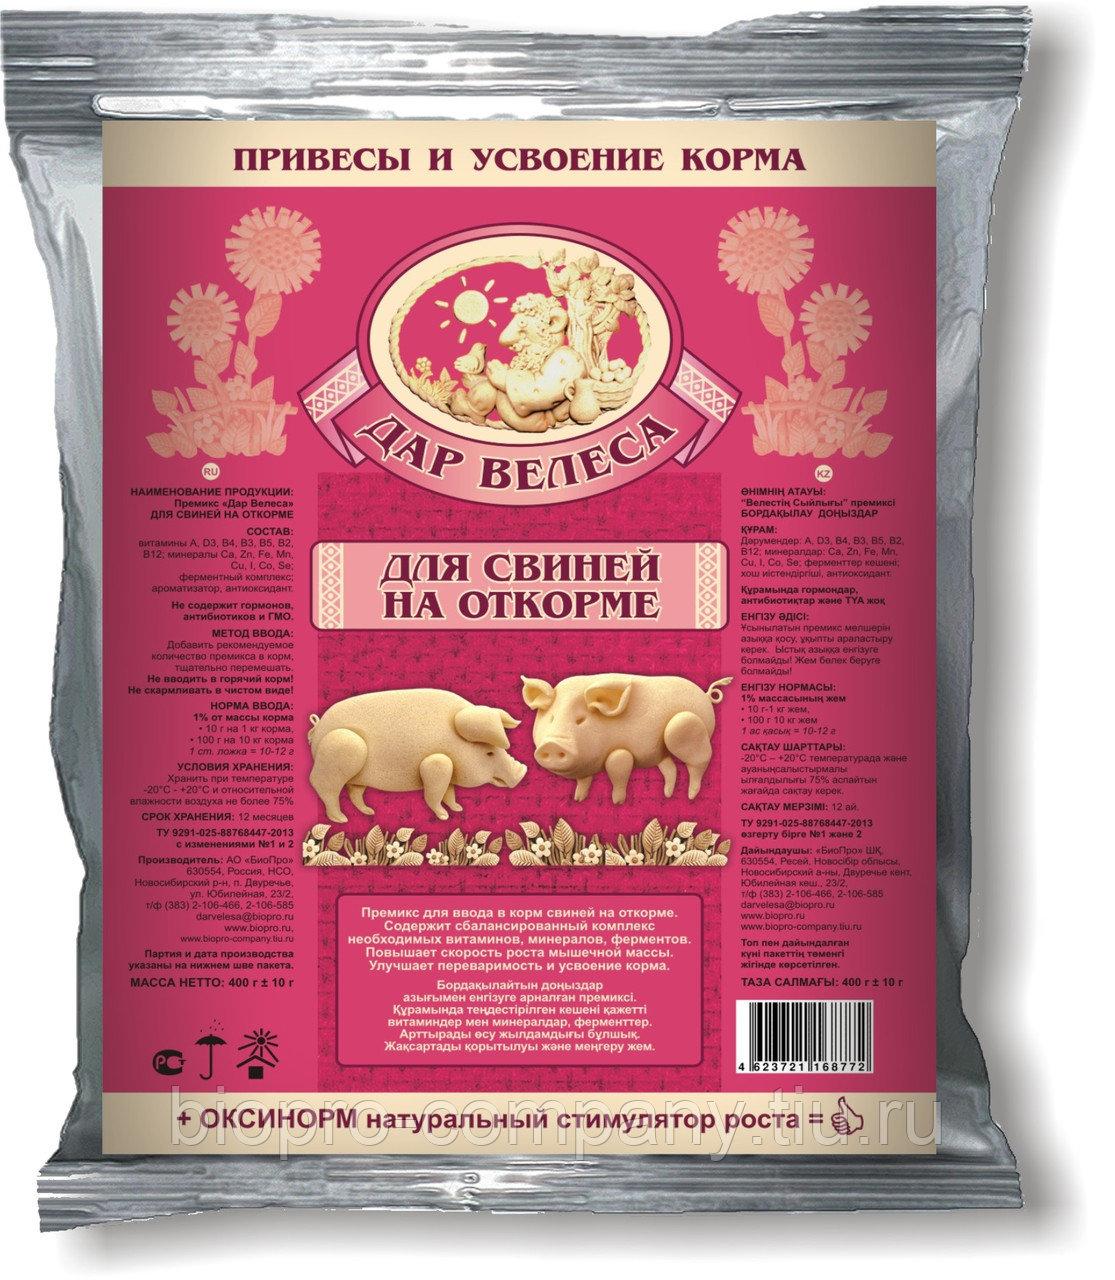 Кормовые добавки для свиней, стимуляторы роста и витамины